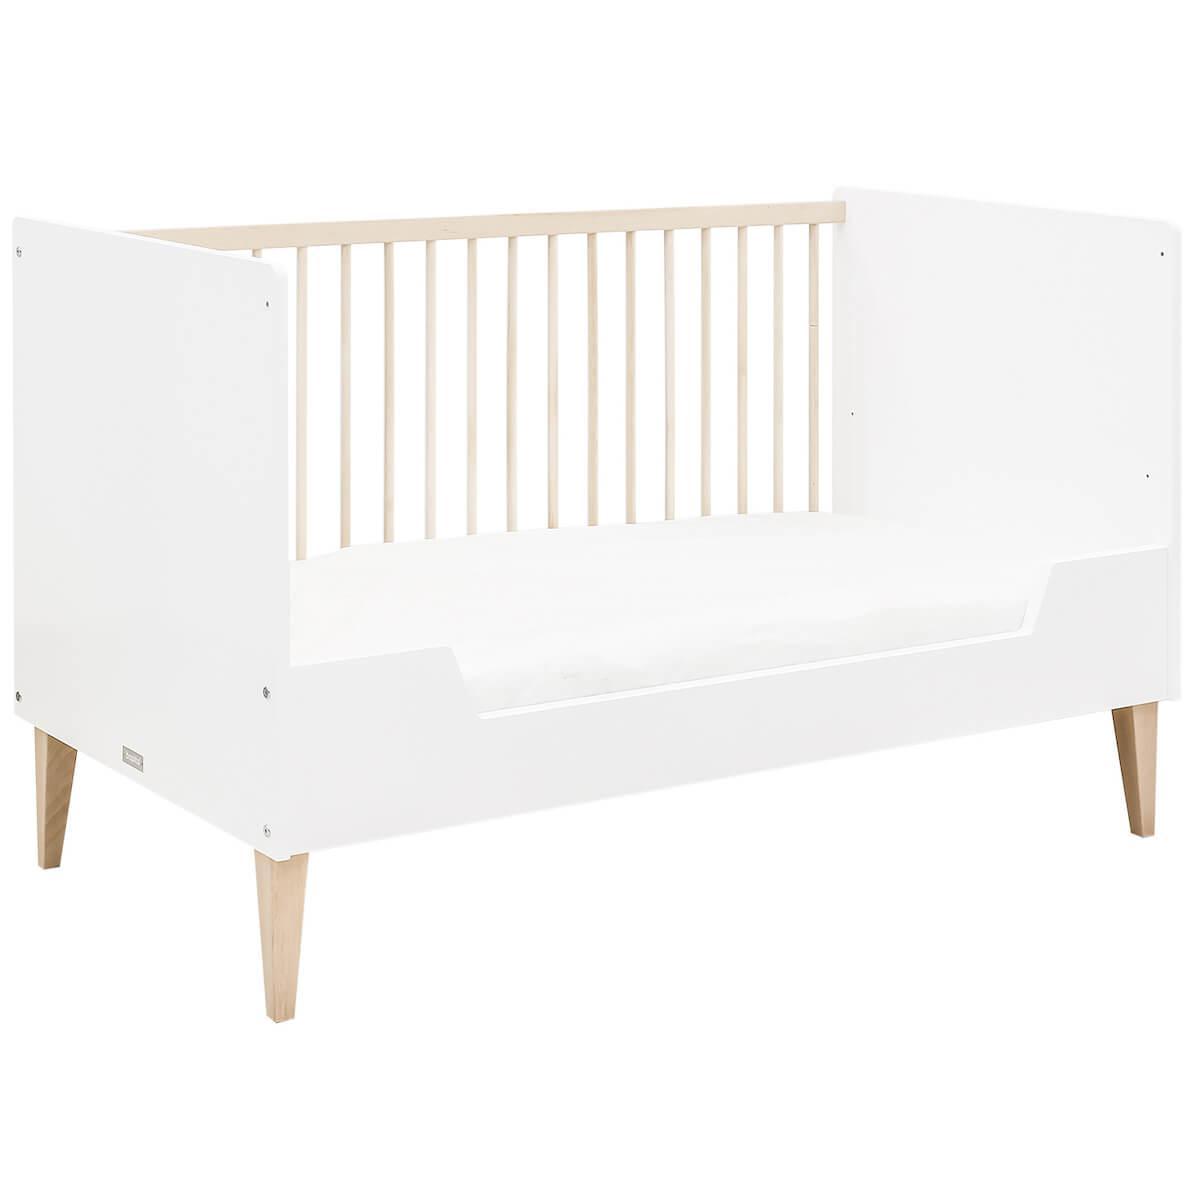 Lit bébé évolutif 70x140cm INDY Bopita blanc-naturel